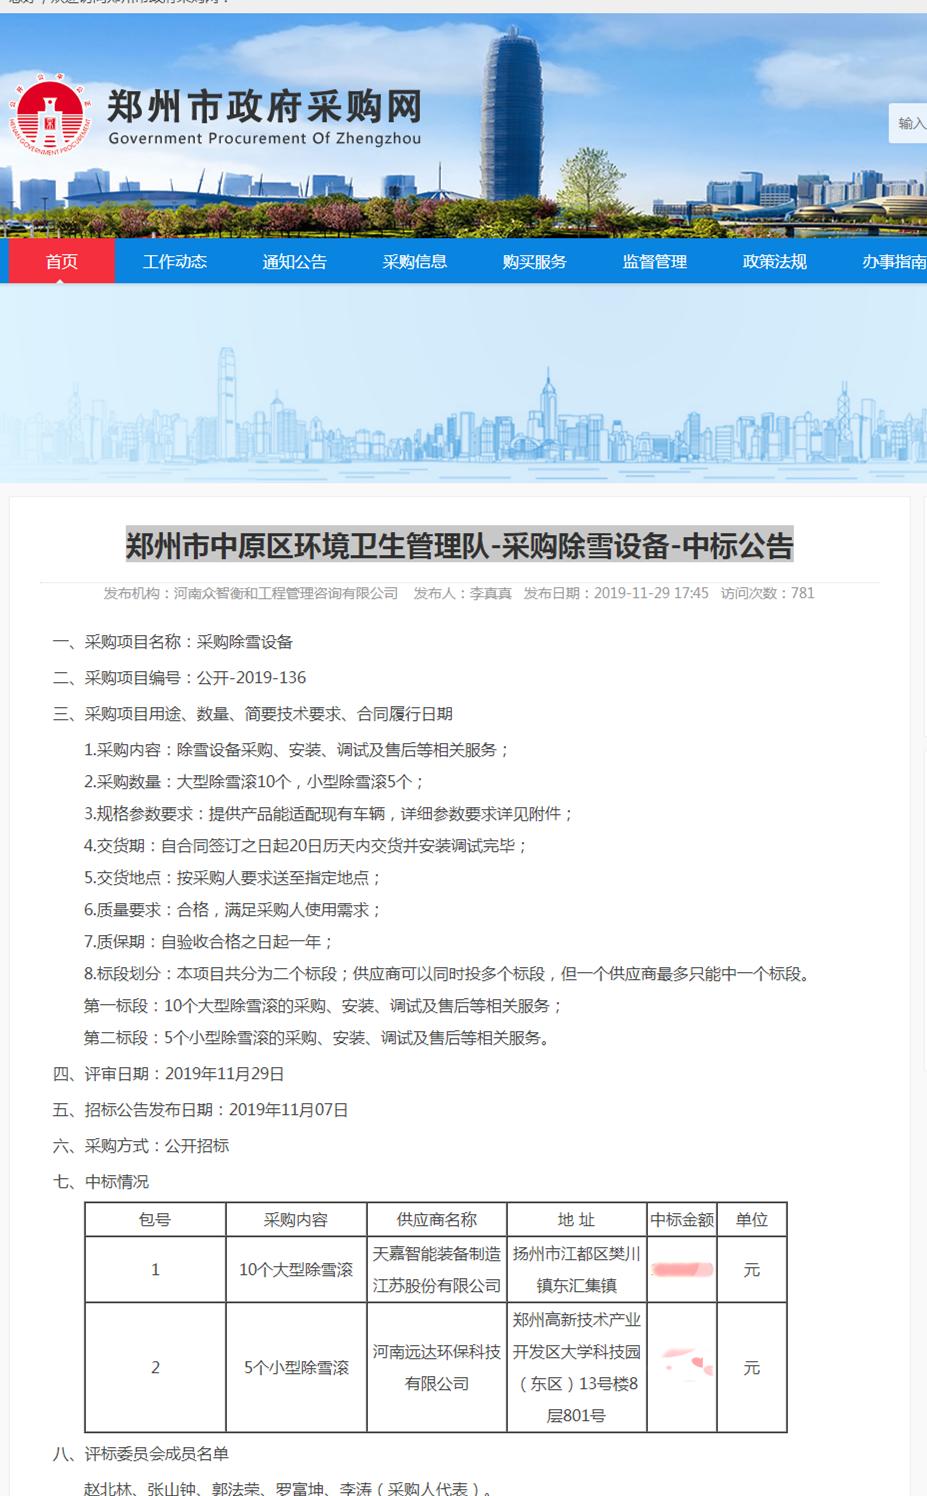 热烈祝贺河南bob客户端ios环保科技有限公司中标郑州市中原区环境卫生管理队采购除雪设备项目!